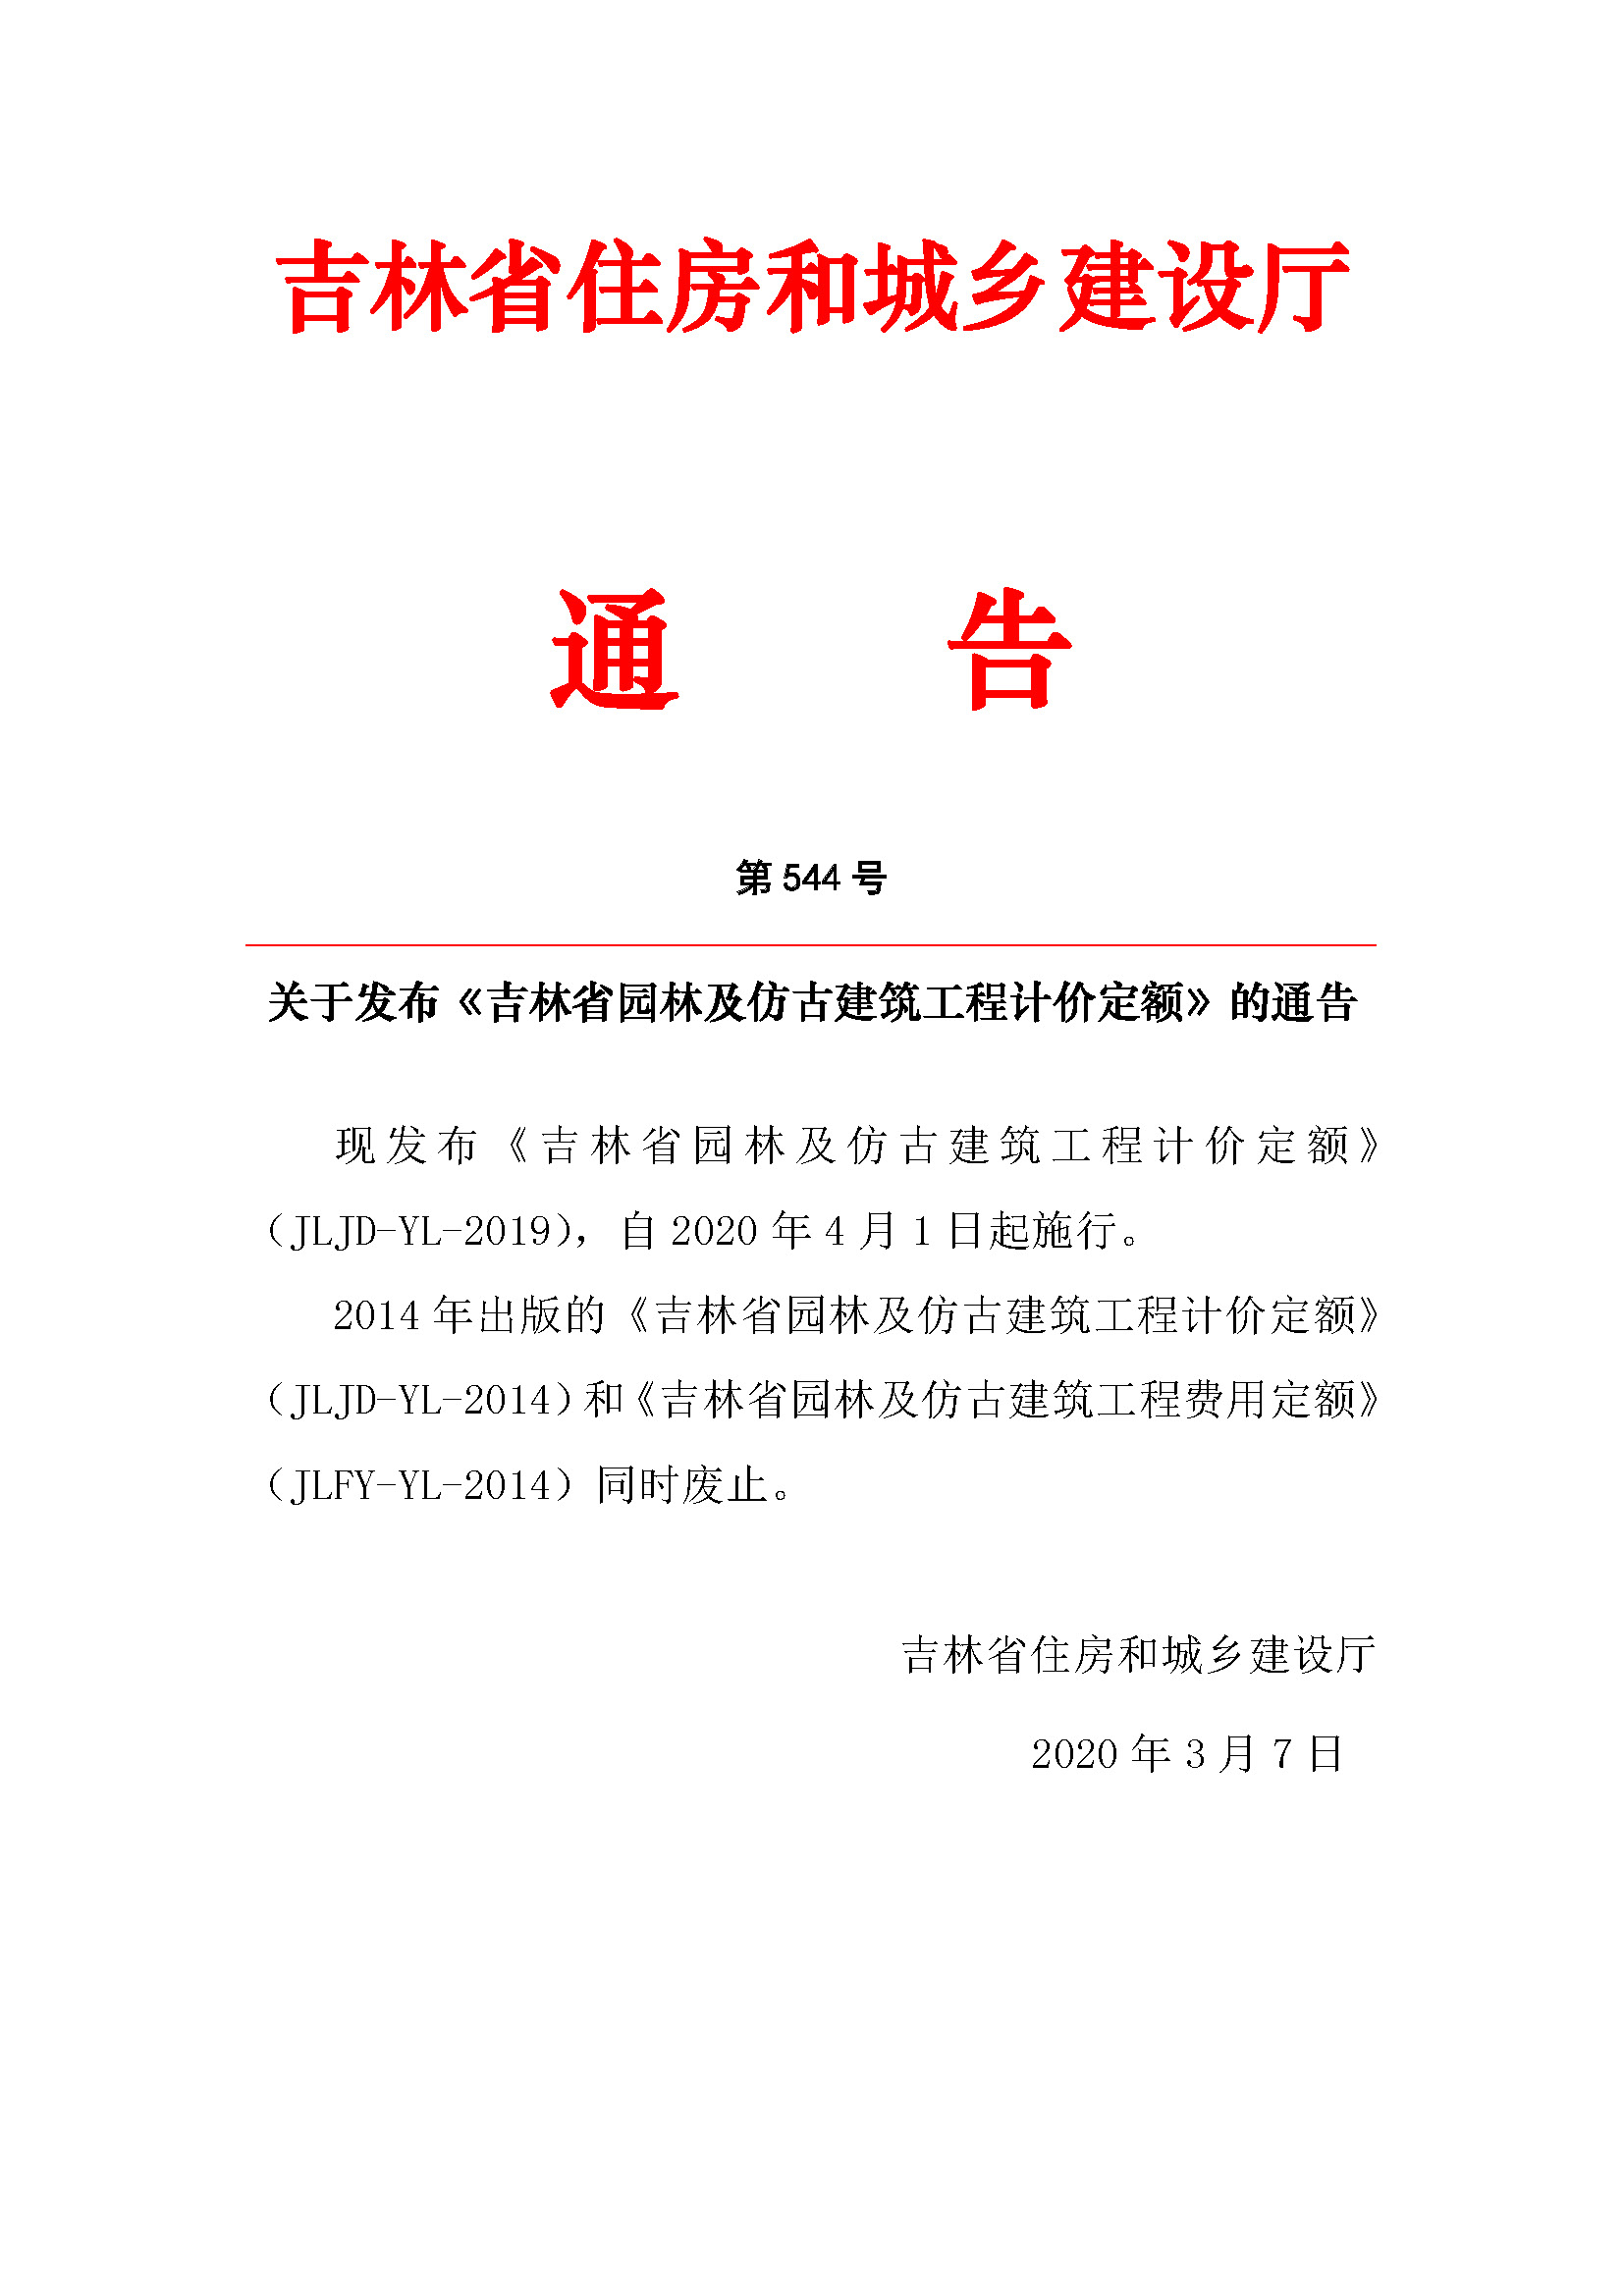 【吉林省】关于发布《吉林省园林及仿古建筑工程计价定额》的通告